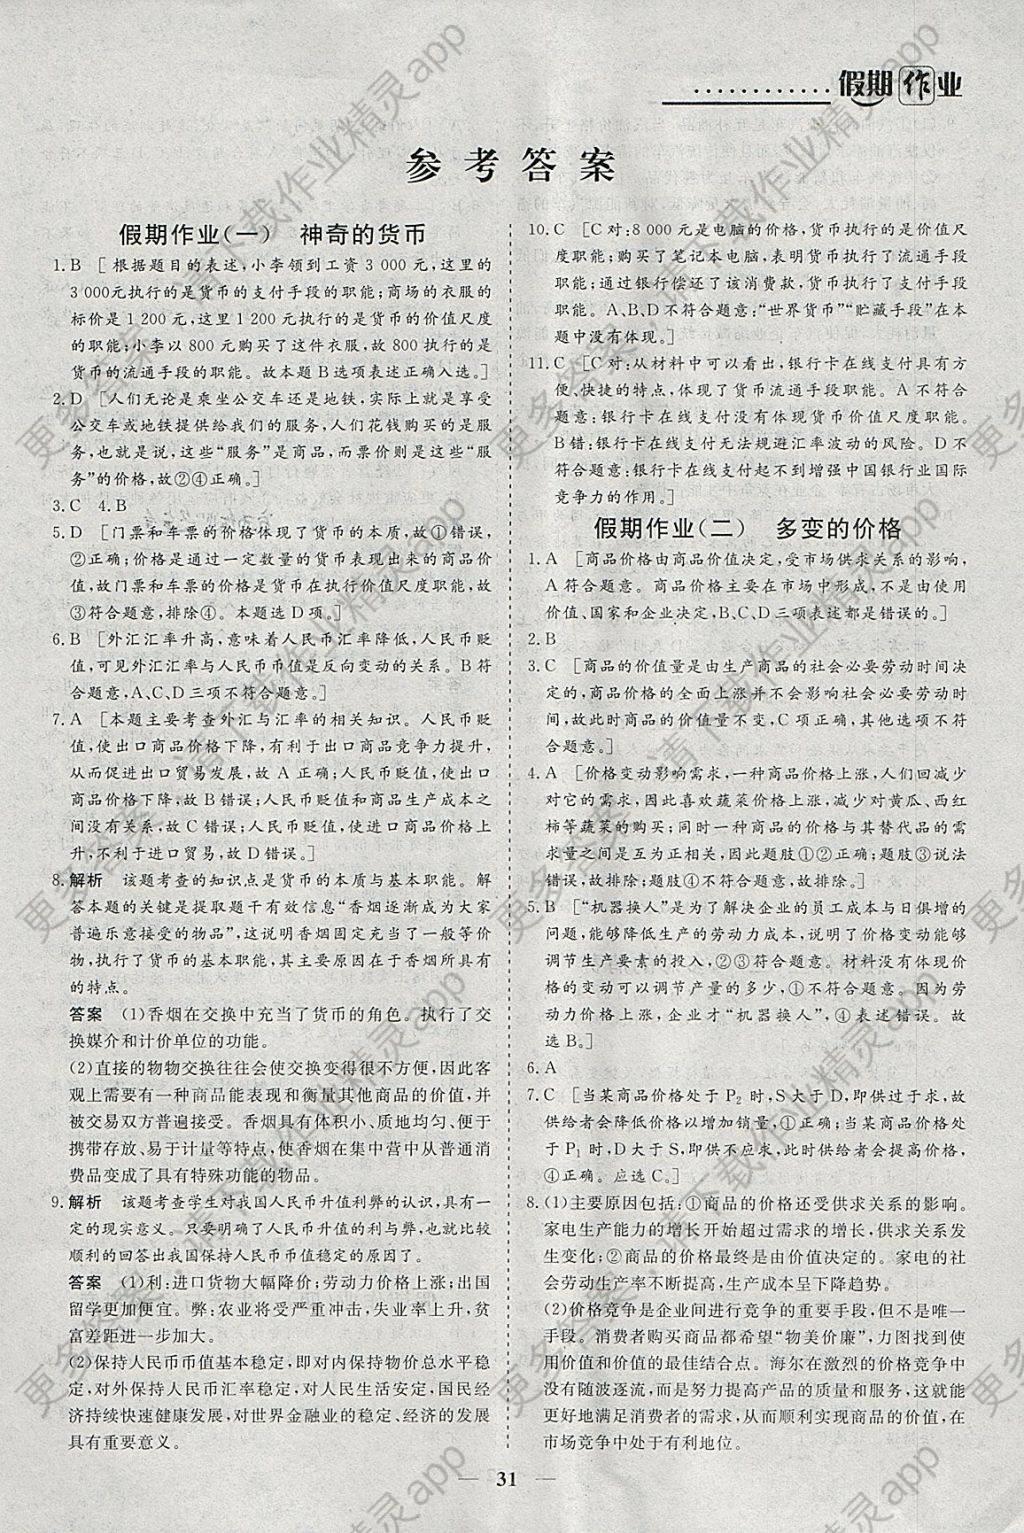 2018年创新大课堂系列丛书假期作业寒假高一年级政治 参考答案第1页